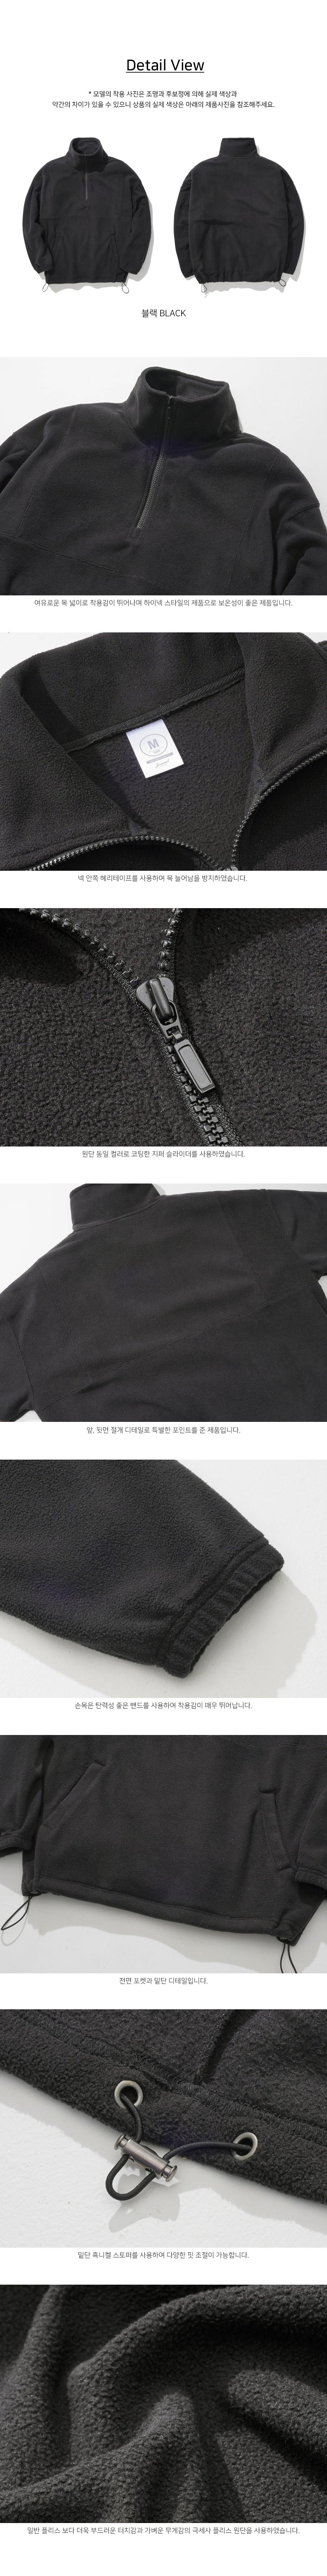 KJMT2245_detail_black_kj.jpg